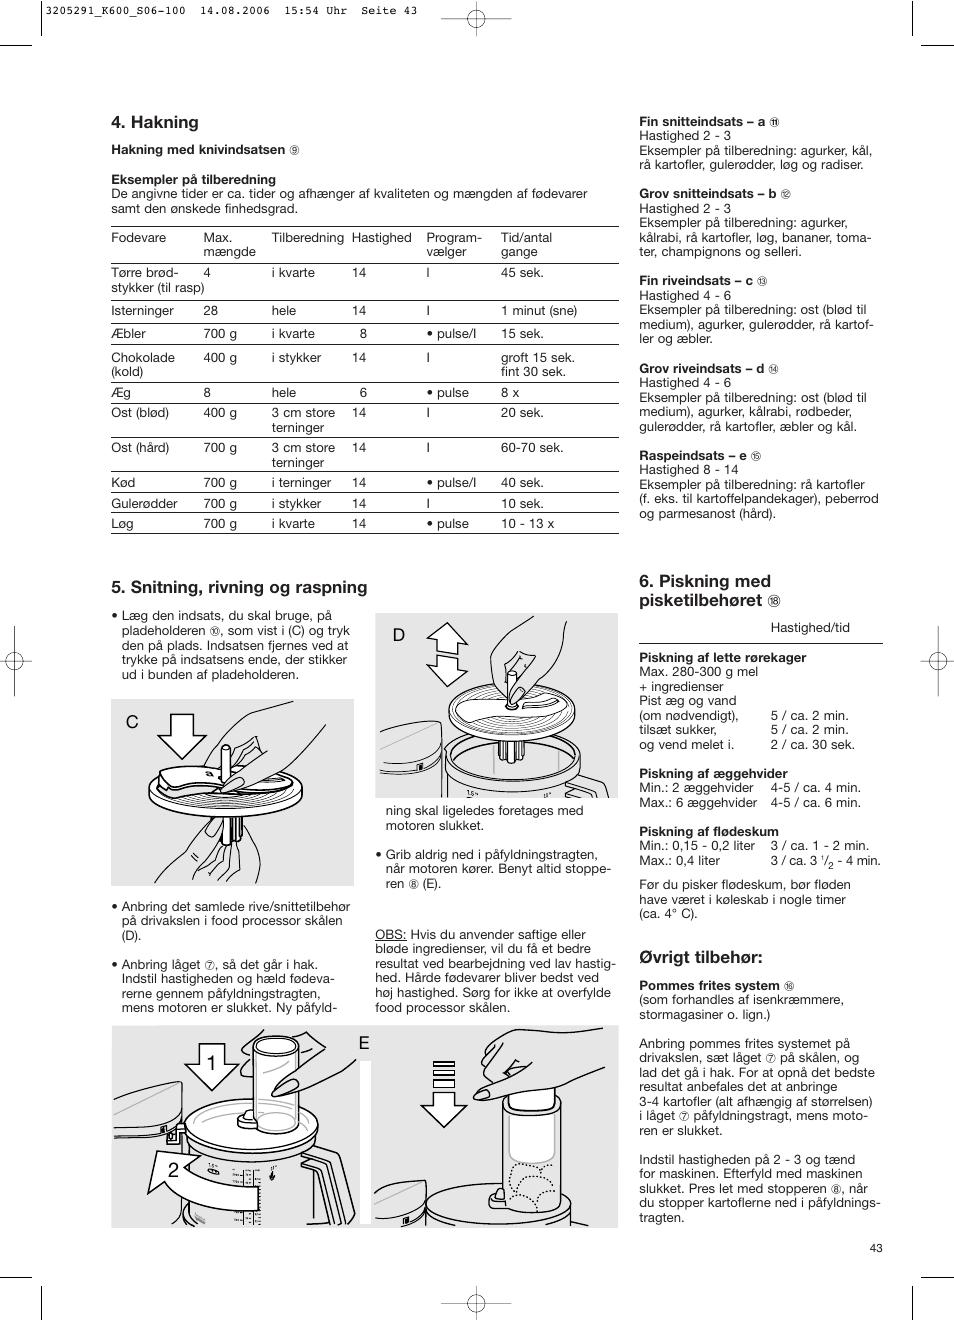 Hakning, Snitning, rivning og raspning, Piskning med